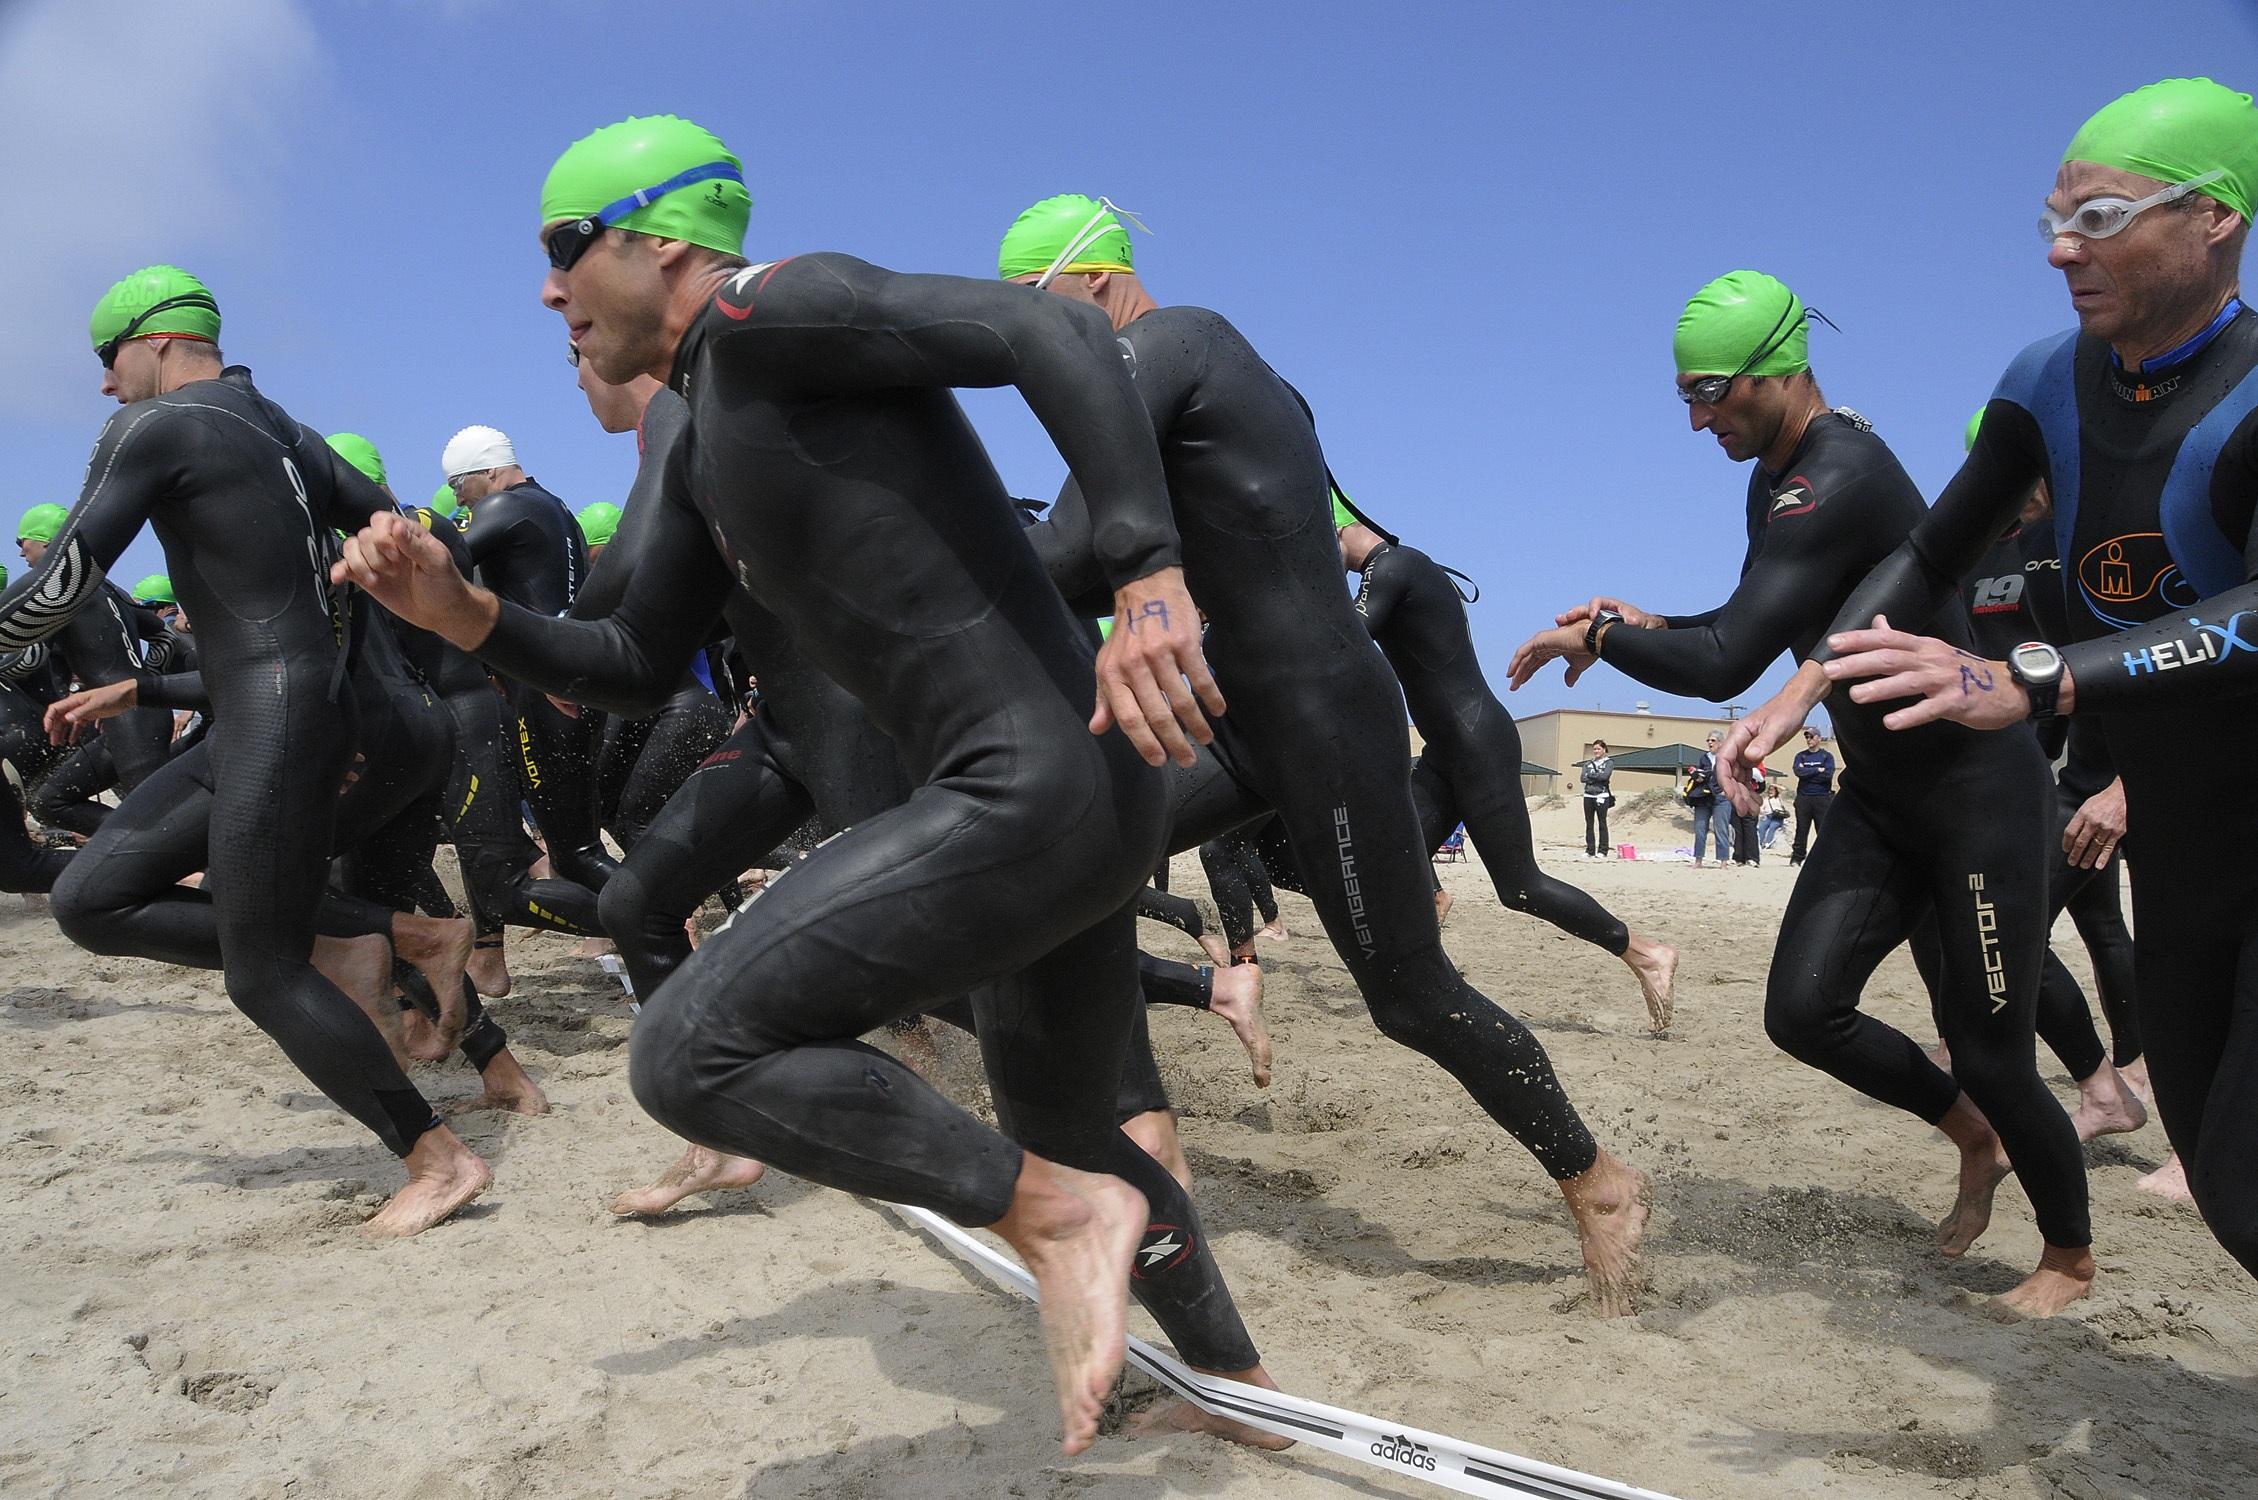 atletas correndo na beira do mar